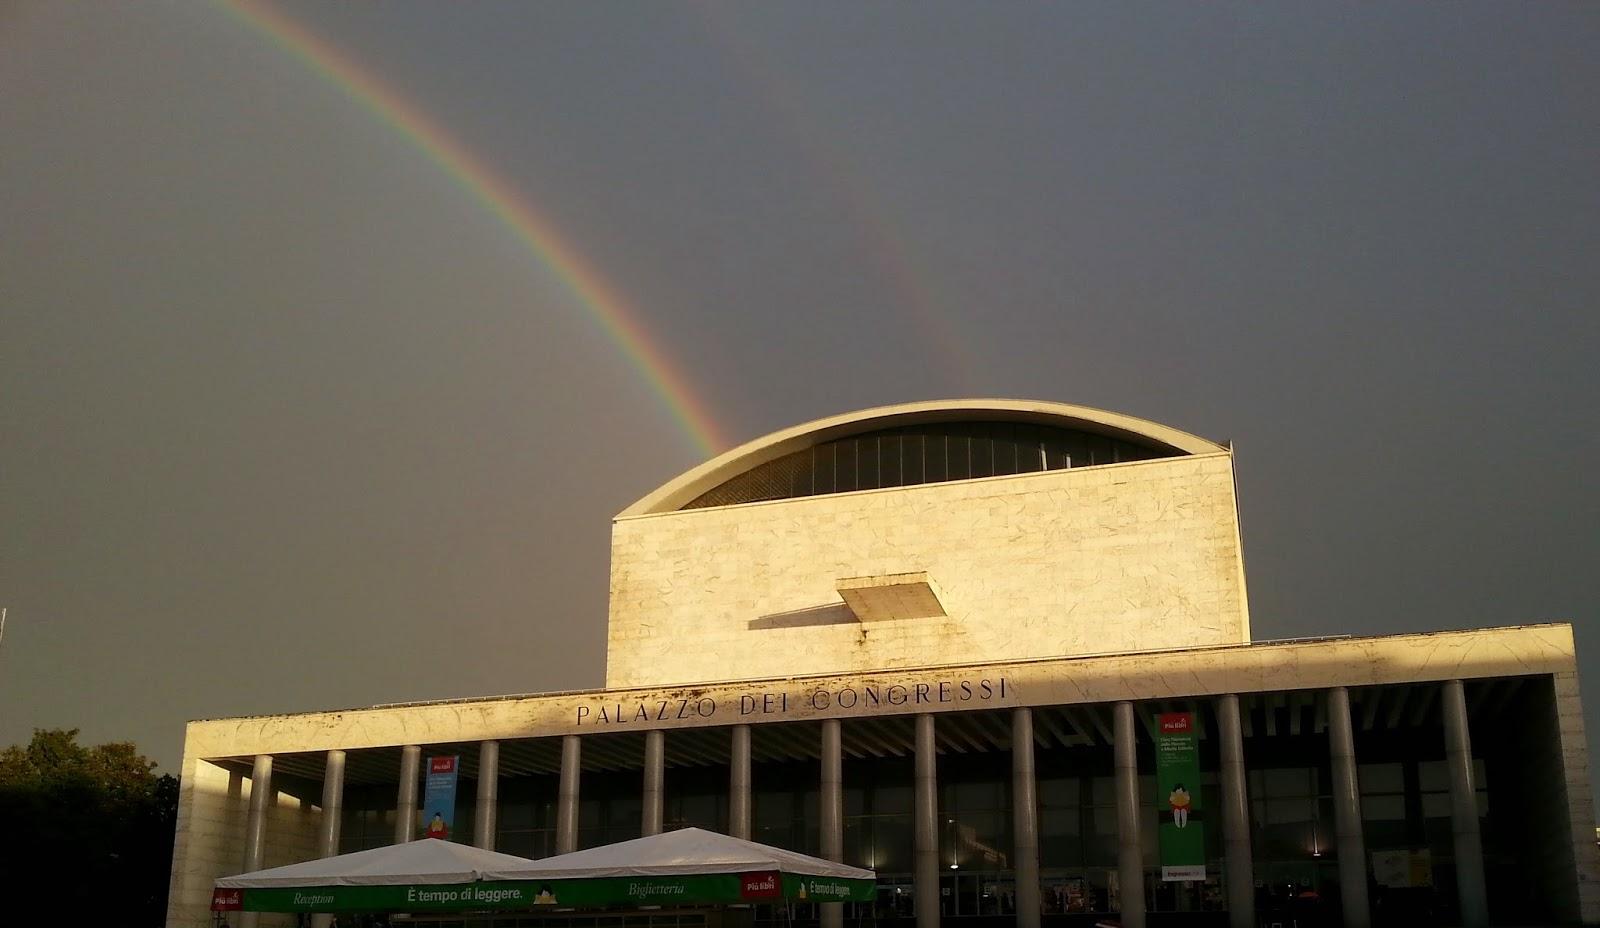 La quiete dopo la tempesta. Palazzo dei Congressi, Eur, Roma. fotosportnotizie.com.